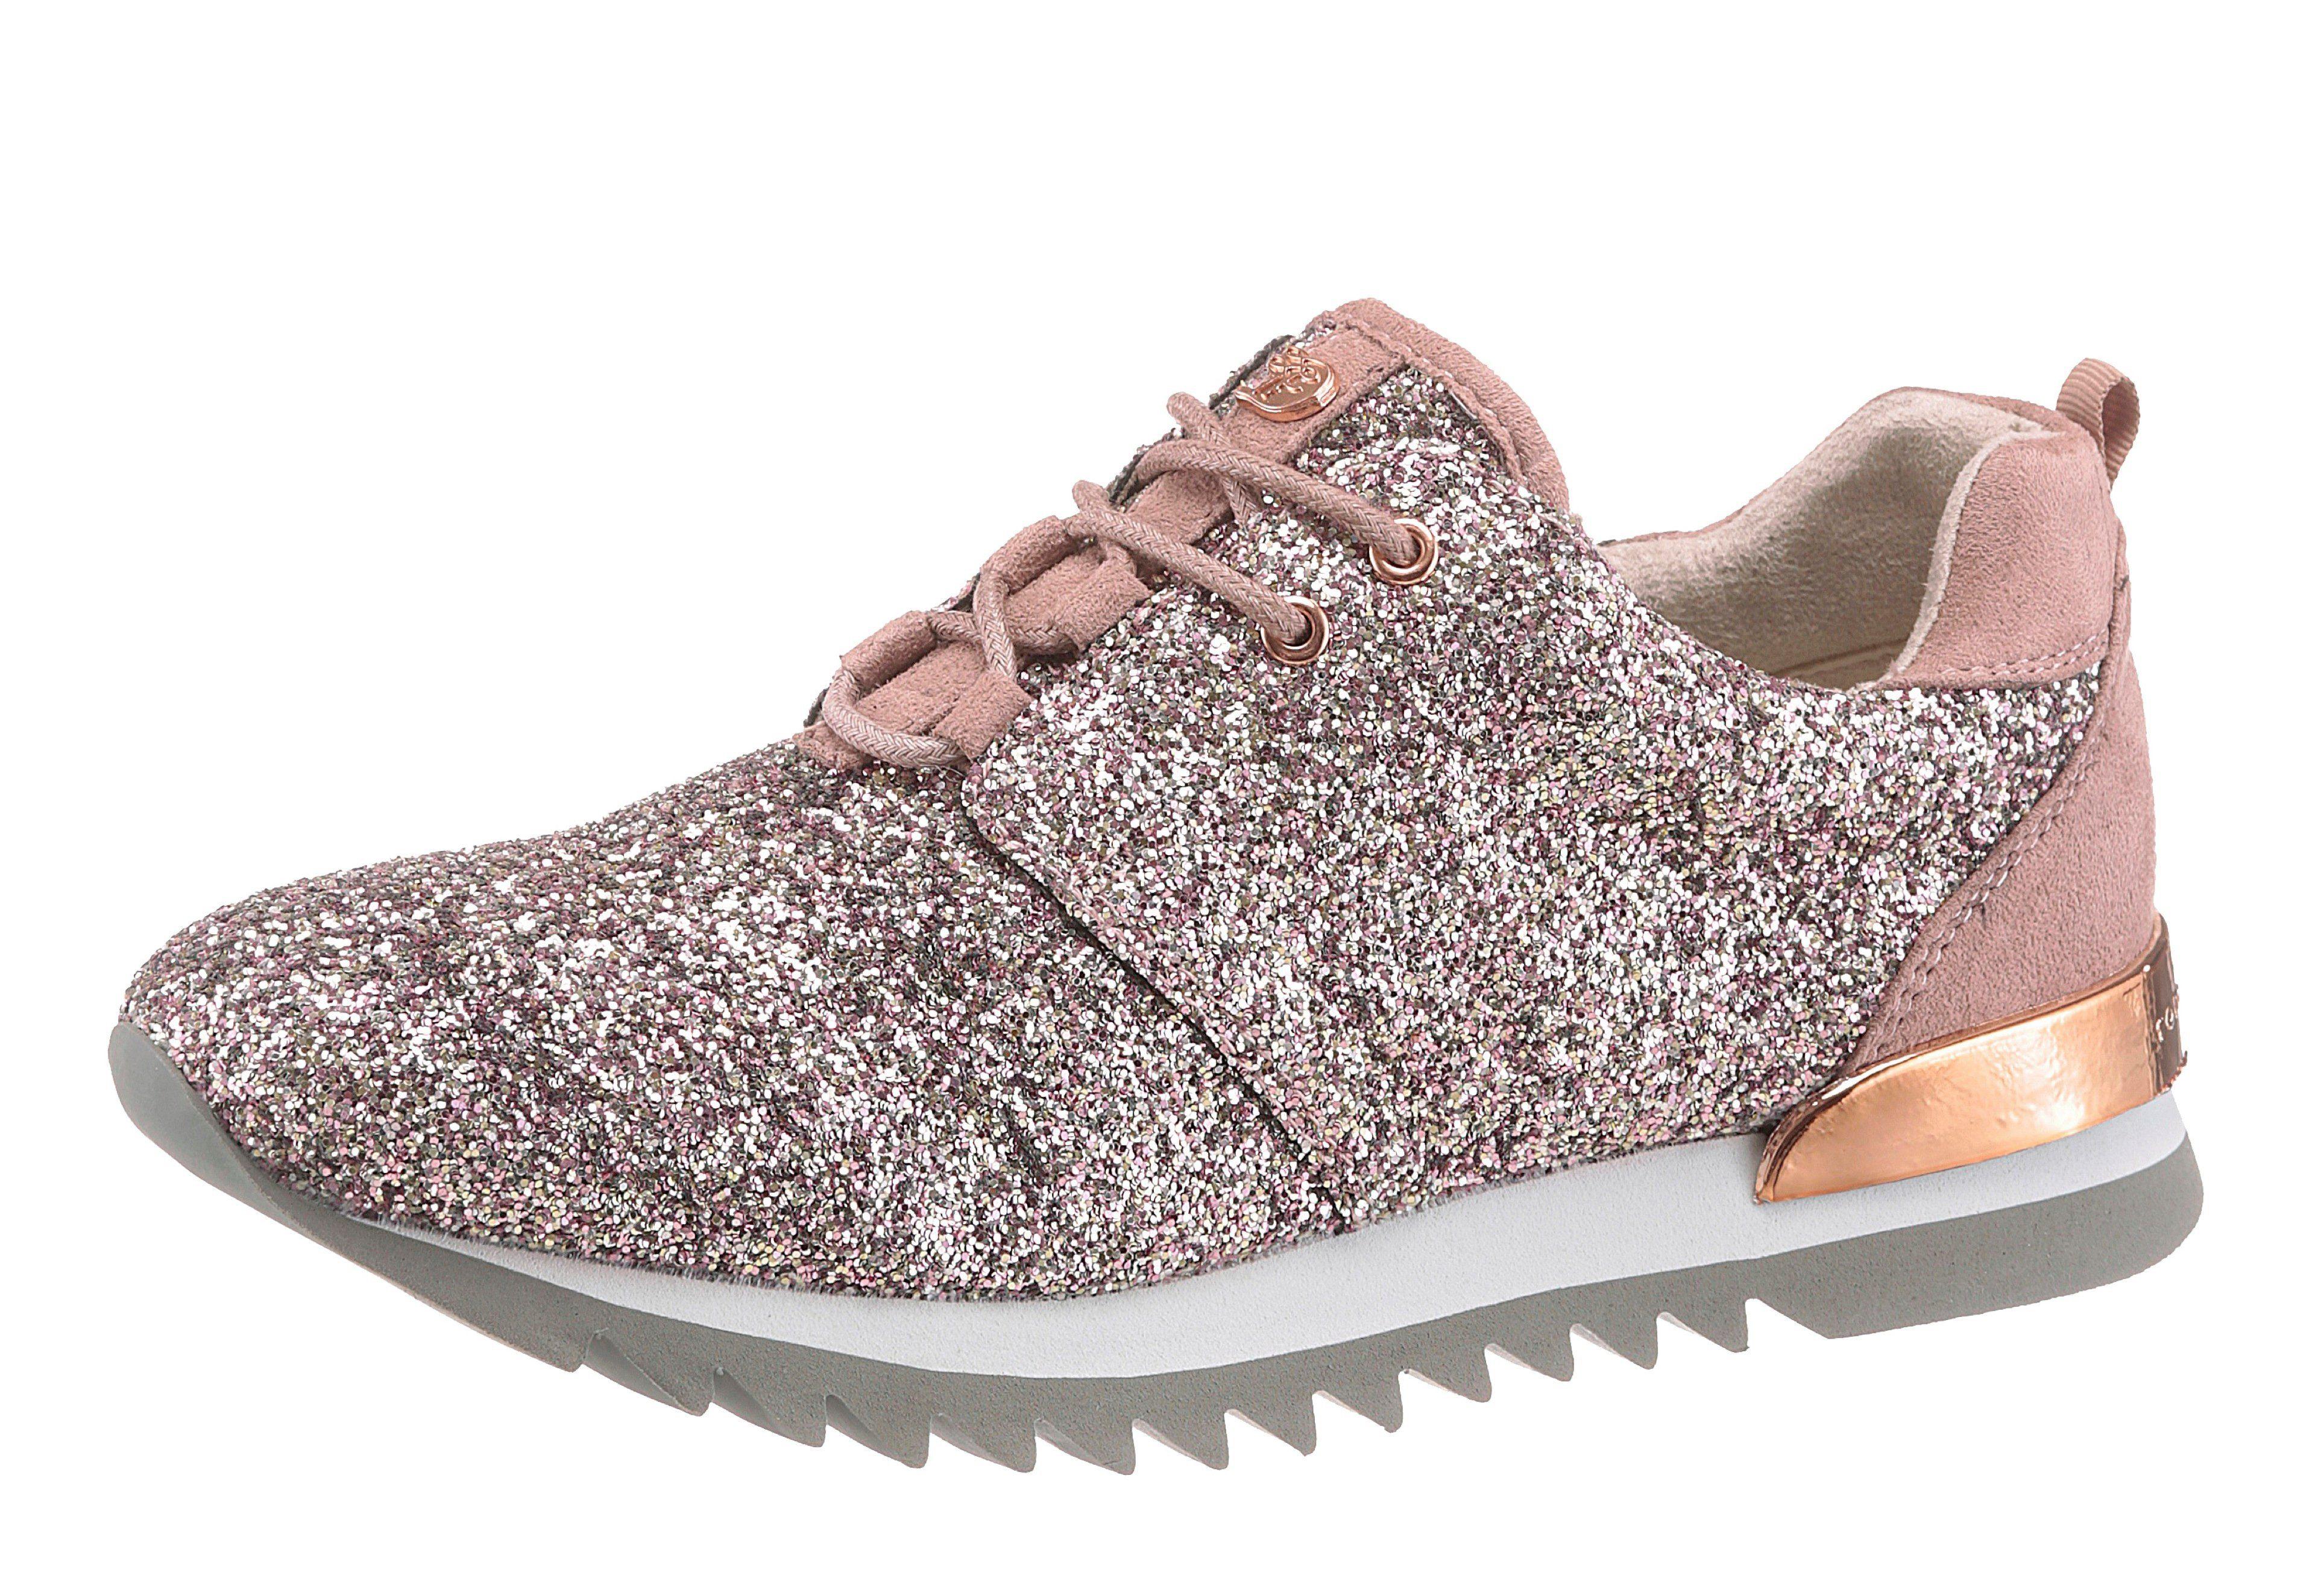 TOM TAILOR Sneaker mit Glitzereffekt rosa nQTEj